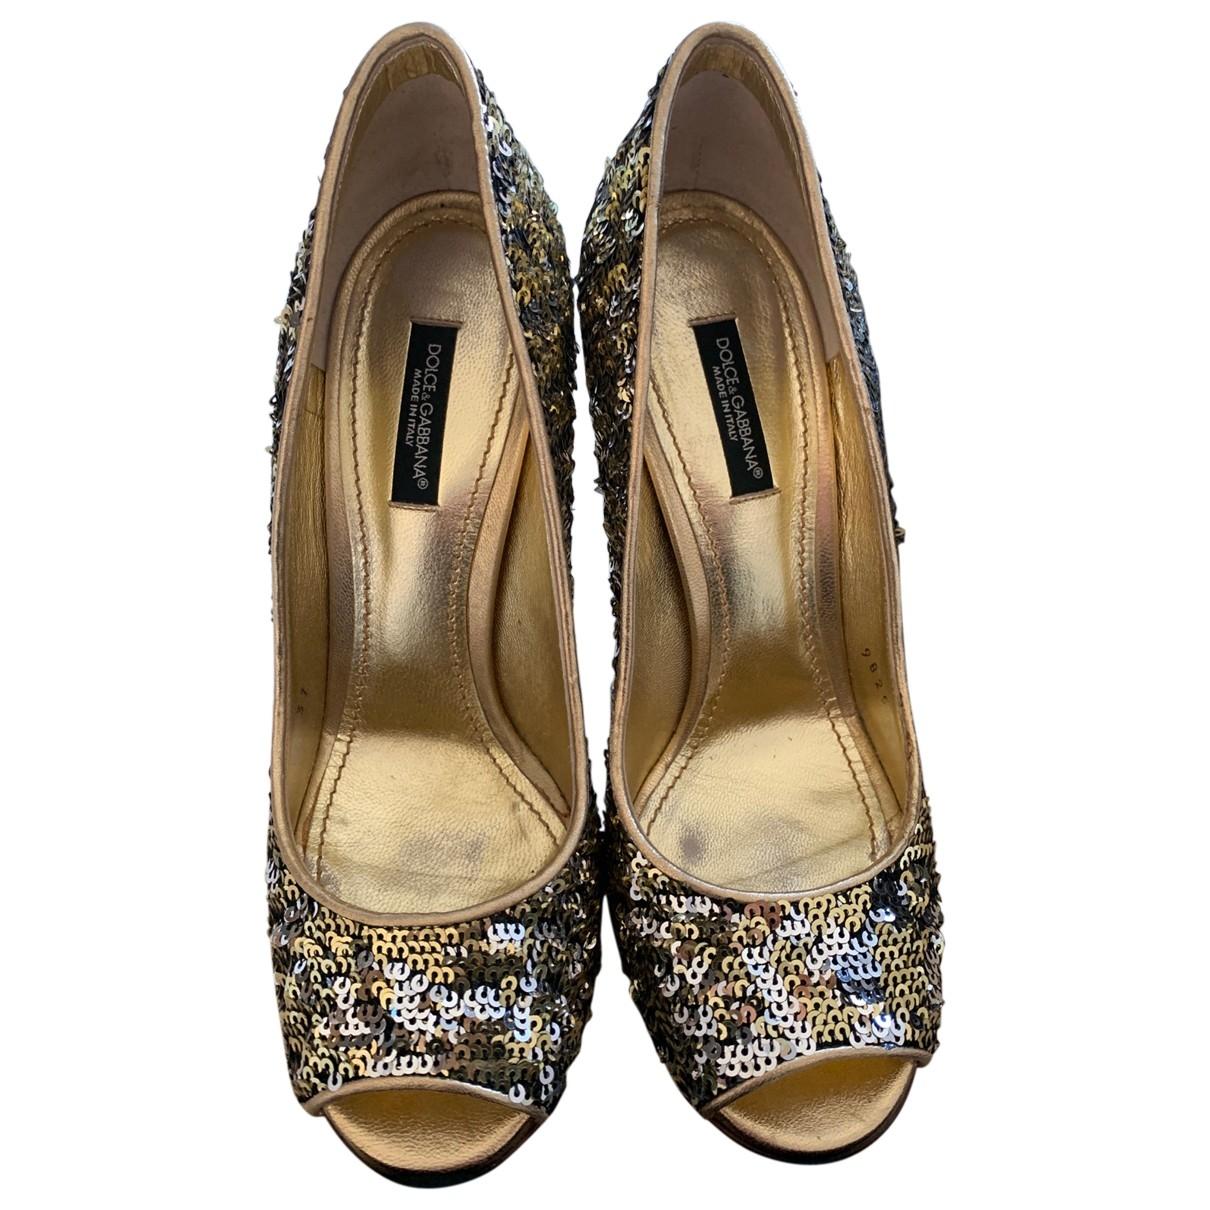 Tacones de Con lentejuelas Dolce & Gabbana